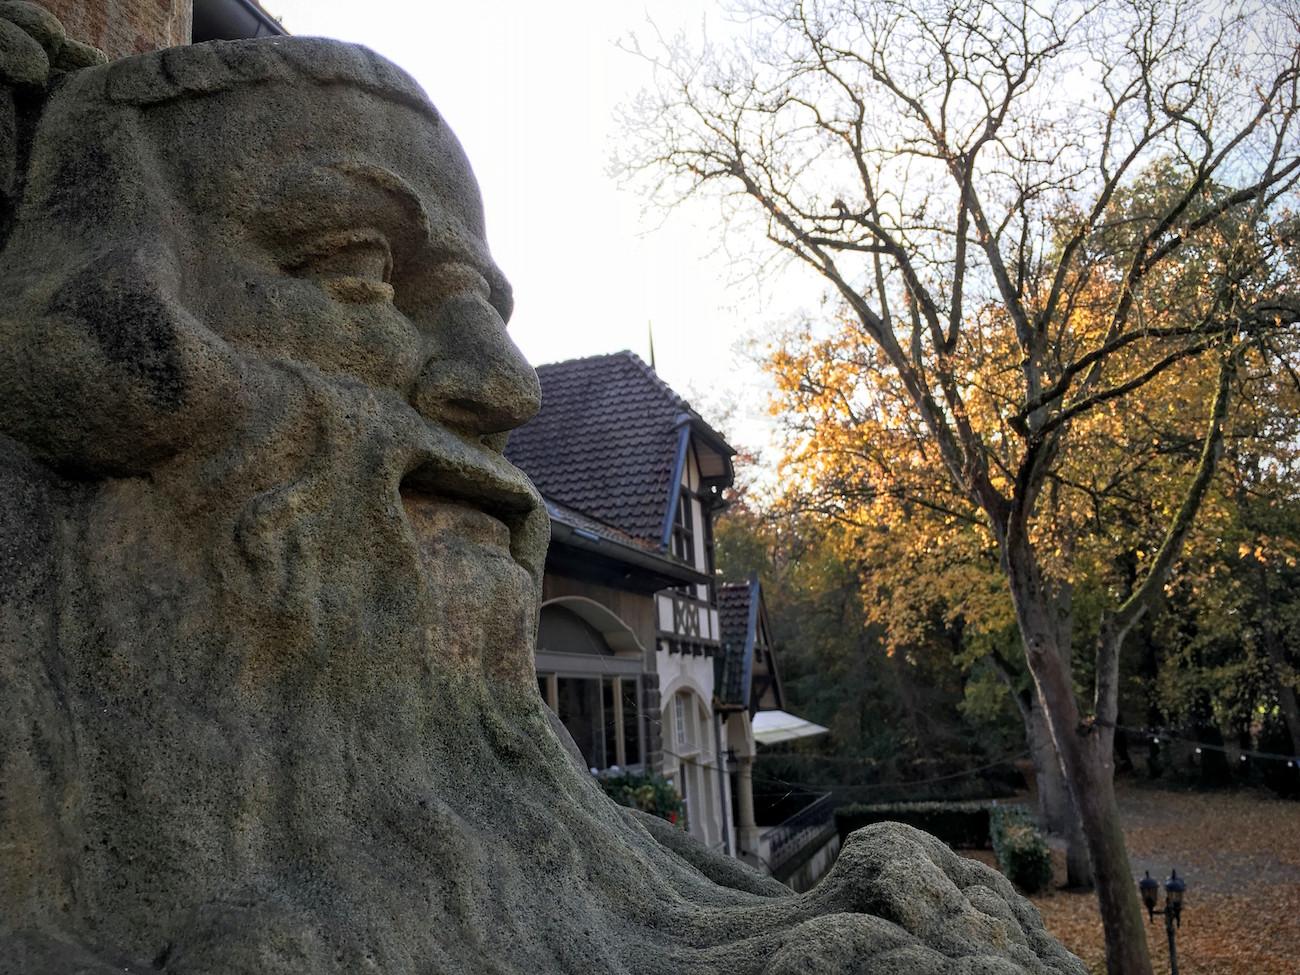 persepektivwechsel_krefeld_2015_vielweib12